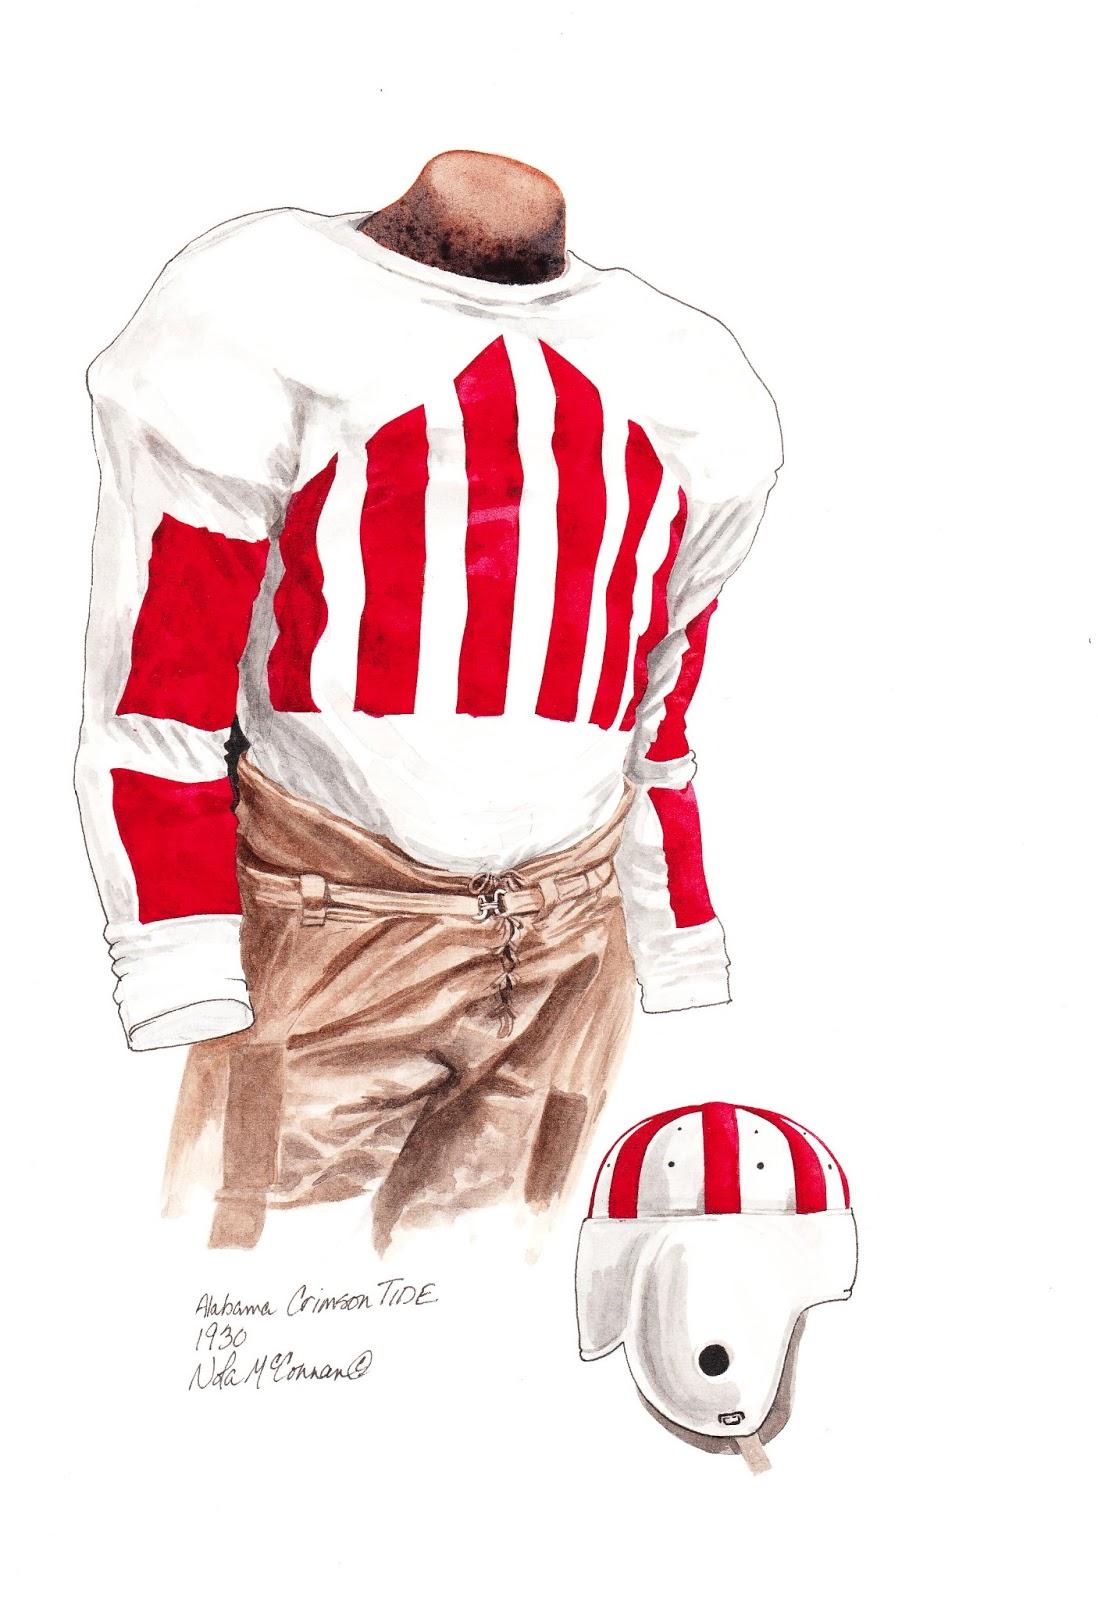 426e19d28 1930 Alabama Crimson Tide football uniform original art for sale